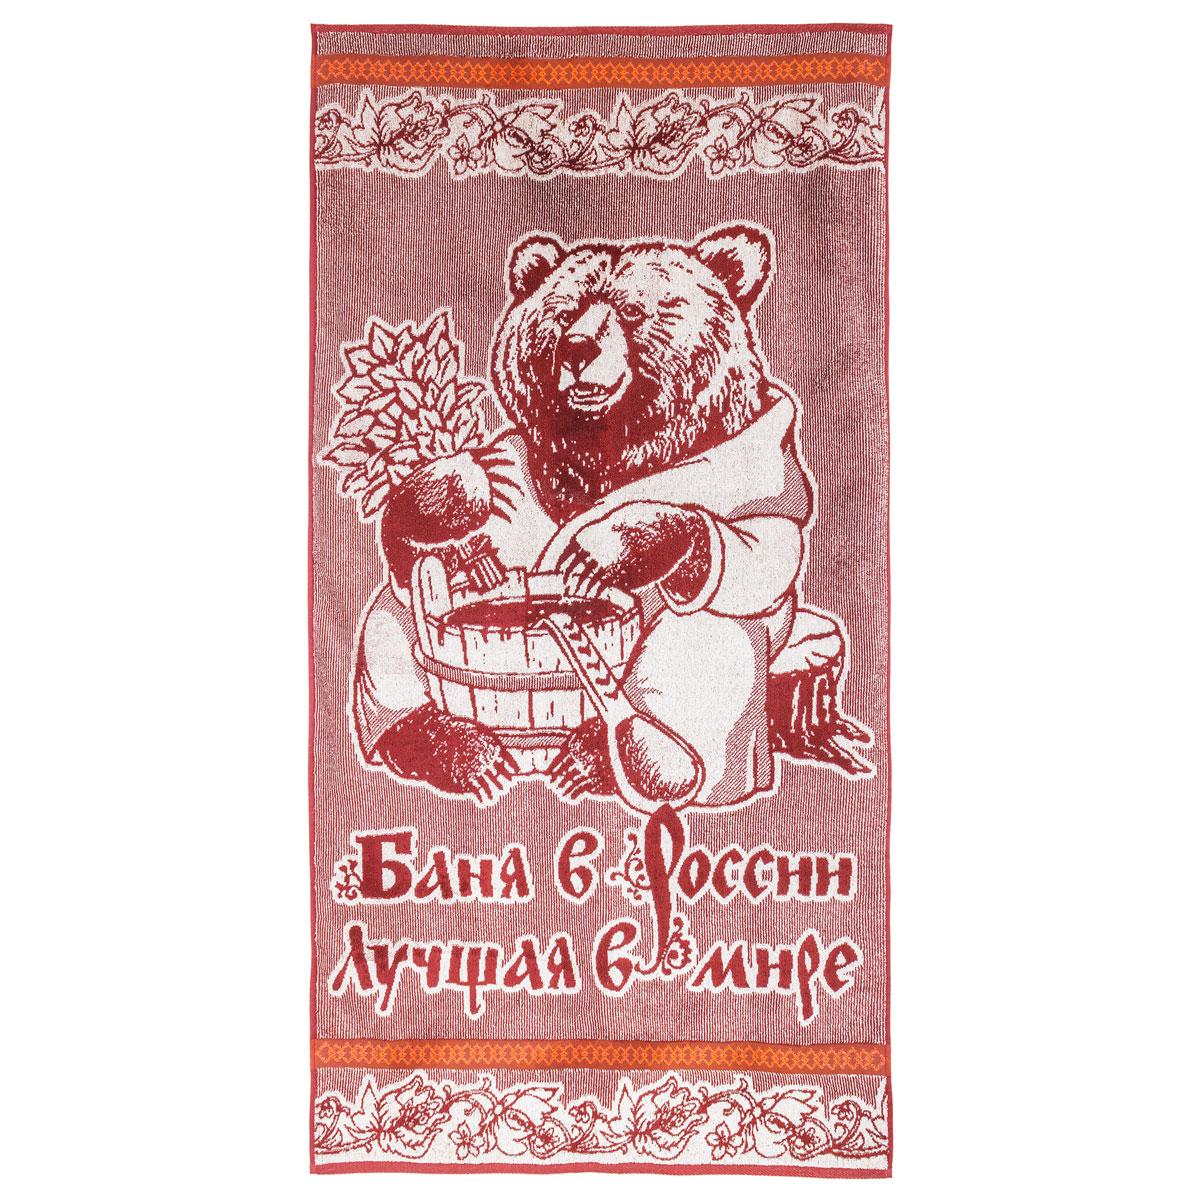 Полотенце Баня в России р. 70х140Махровые полотенца<br><br><br>Тип: Полотенце<br>Размер: 70х140<br>Материал: Махра